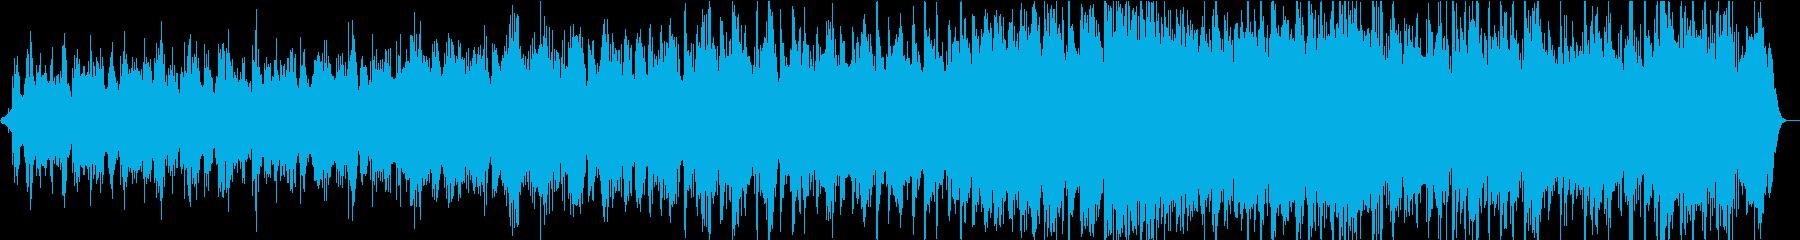 この上ない幸せな瞬間にぴったりな曲の再生済みの波形